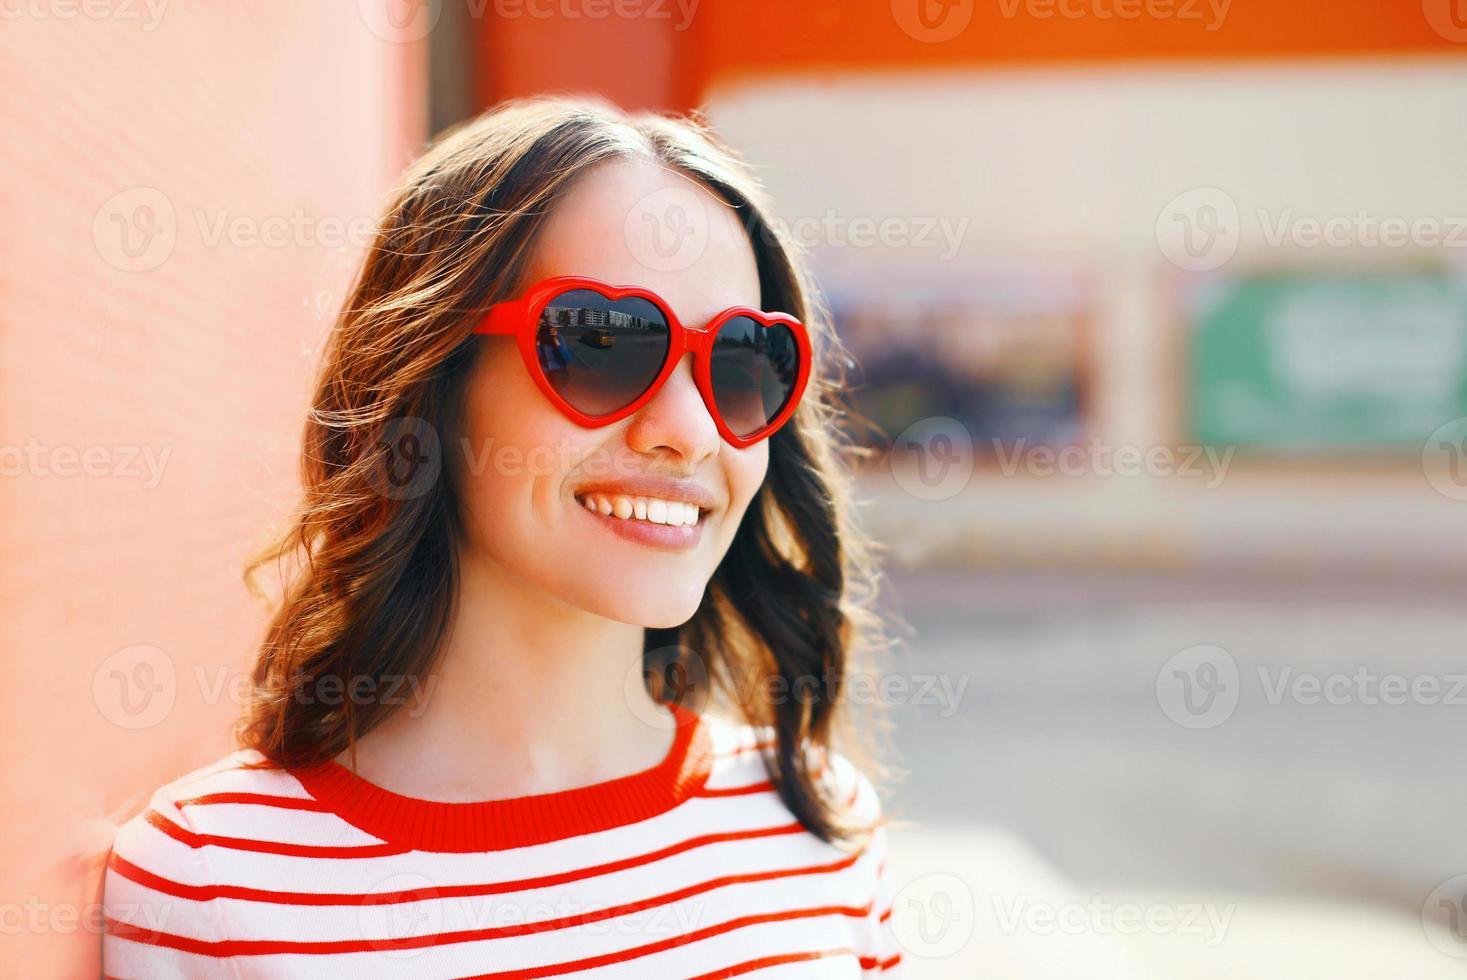 Ritratto di donna sorridente graziosa in occhiali da sole rossi all'aperto foto